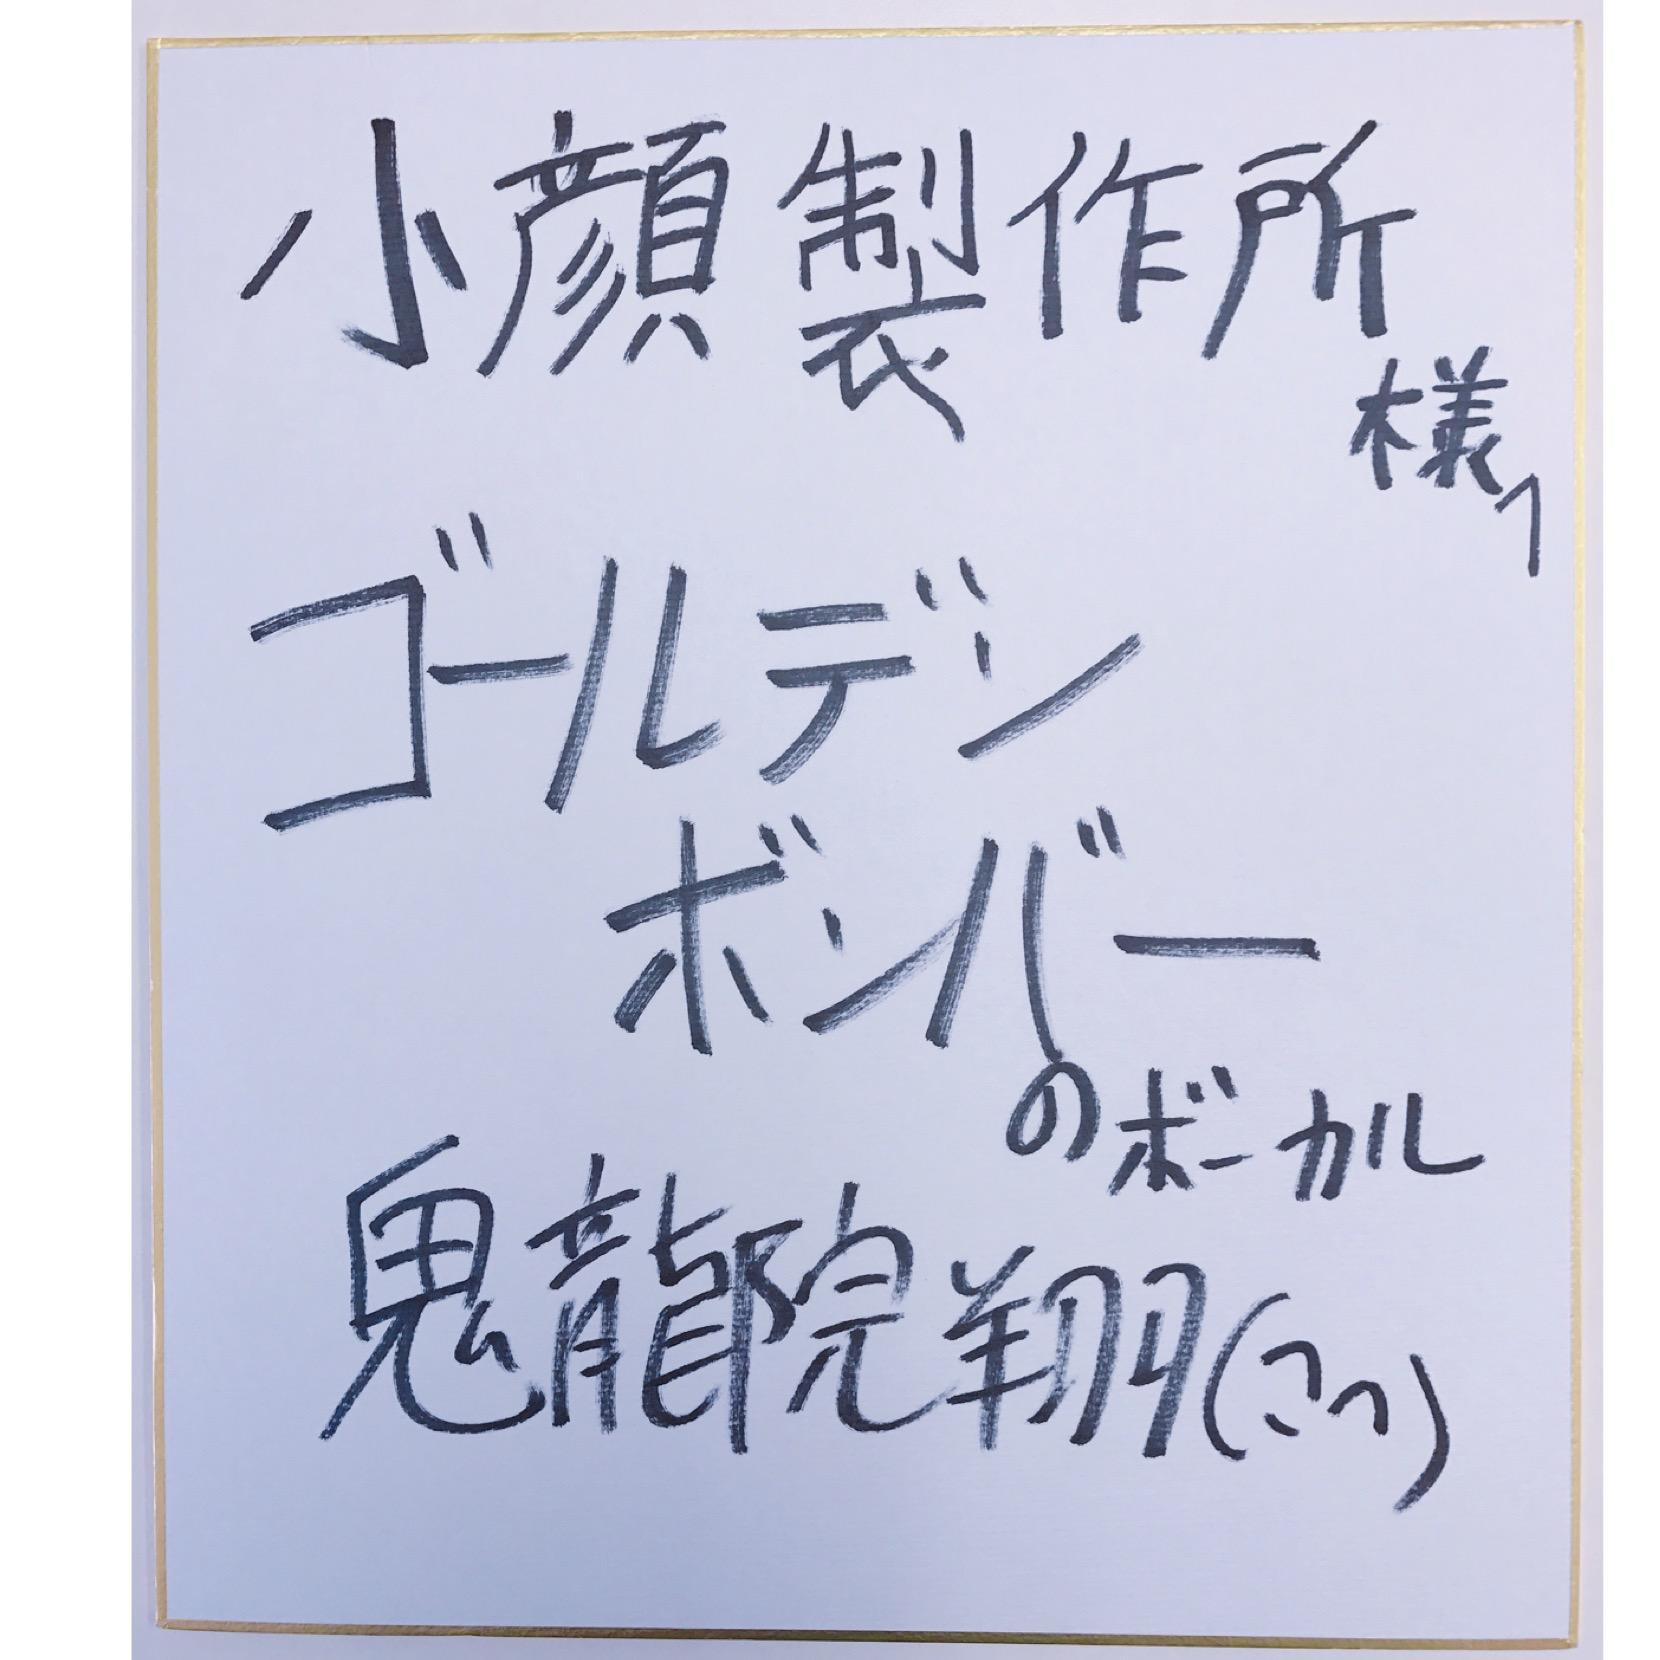 鬼龍院翔 様<br><span>(歌手)</span>